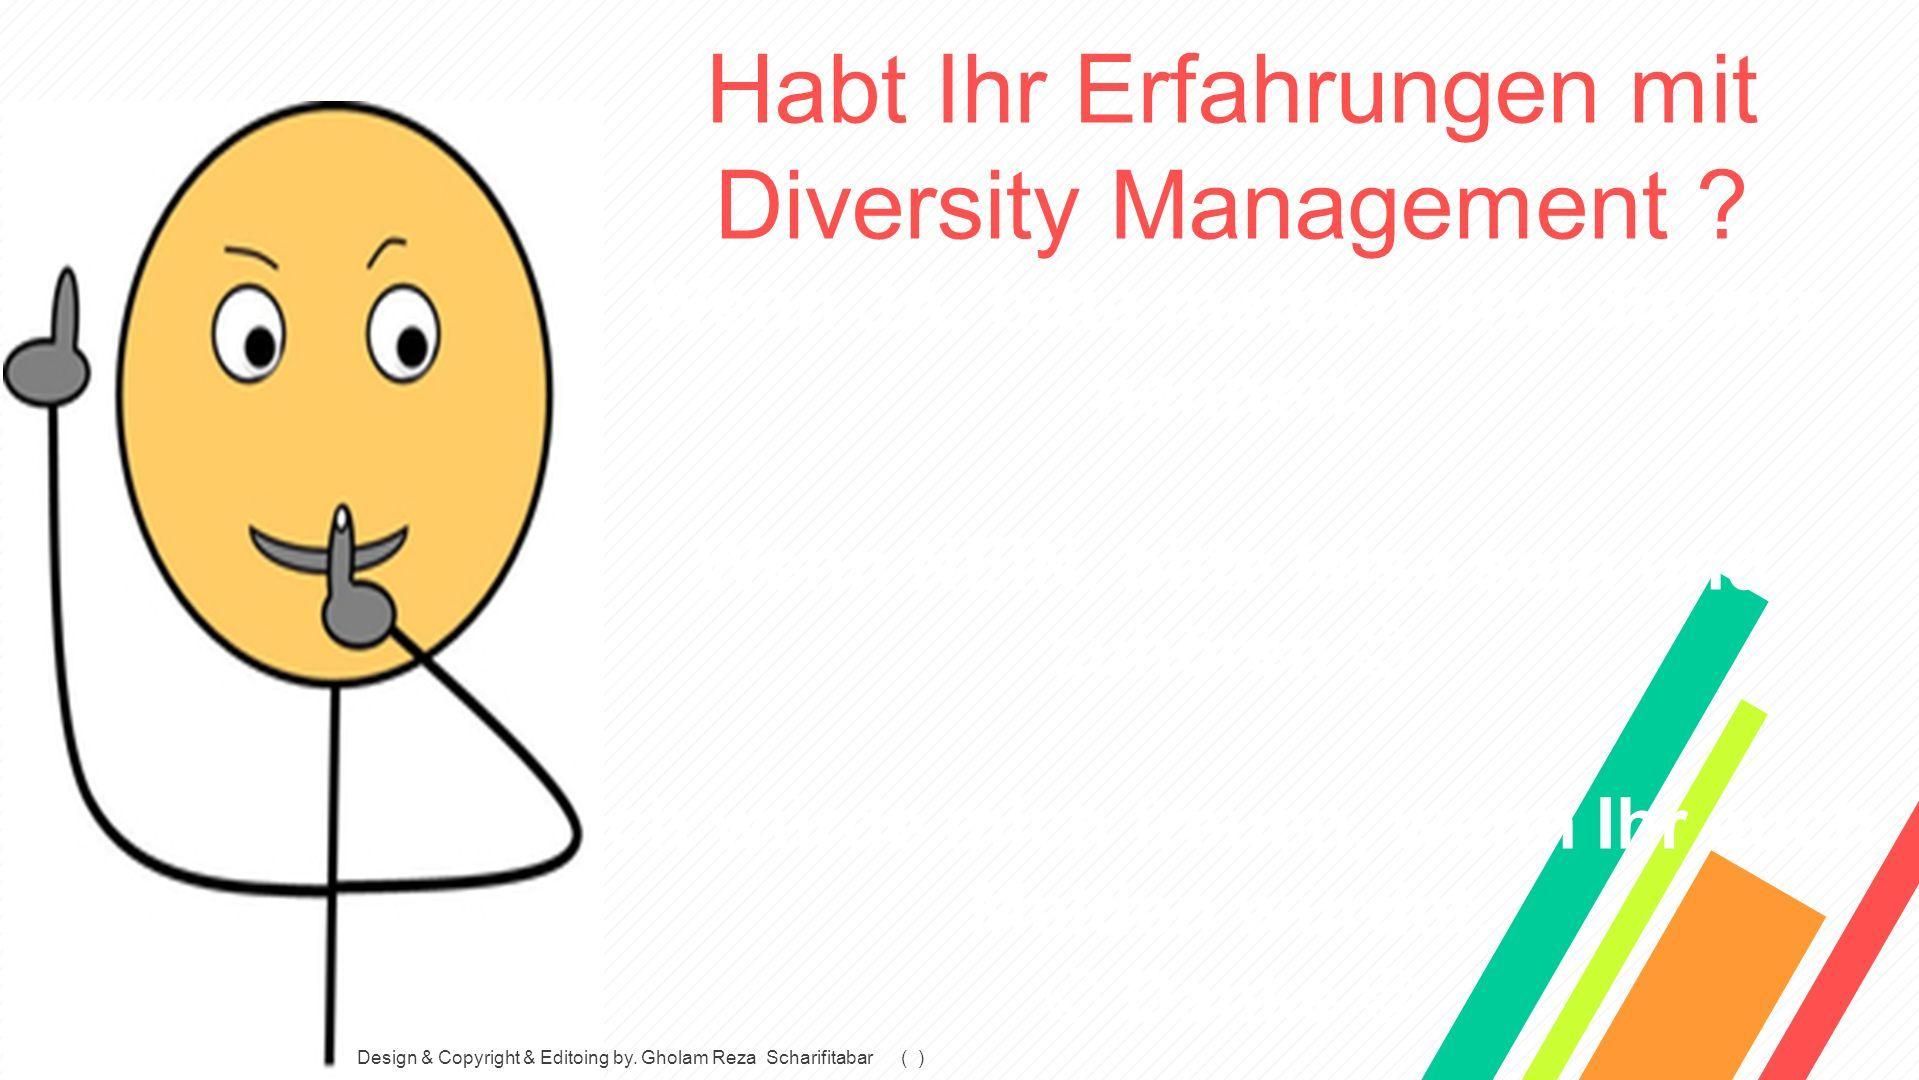 Habt Ihr Erfahrungen mit Diversity Management . Wenn JA, bitte melden und die mir nennen.